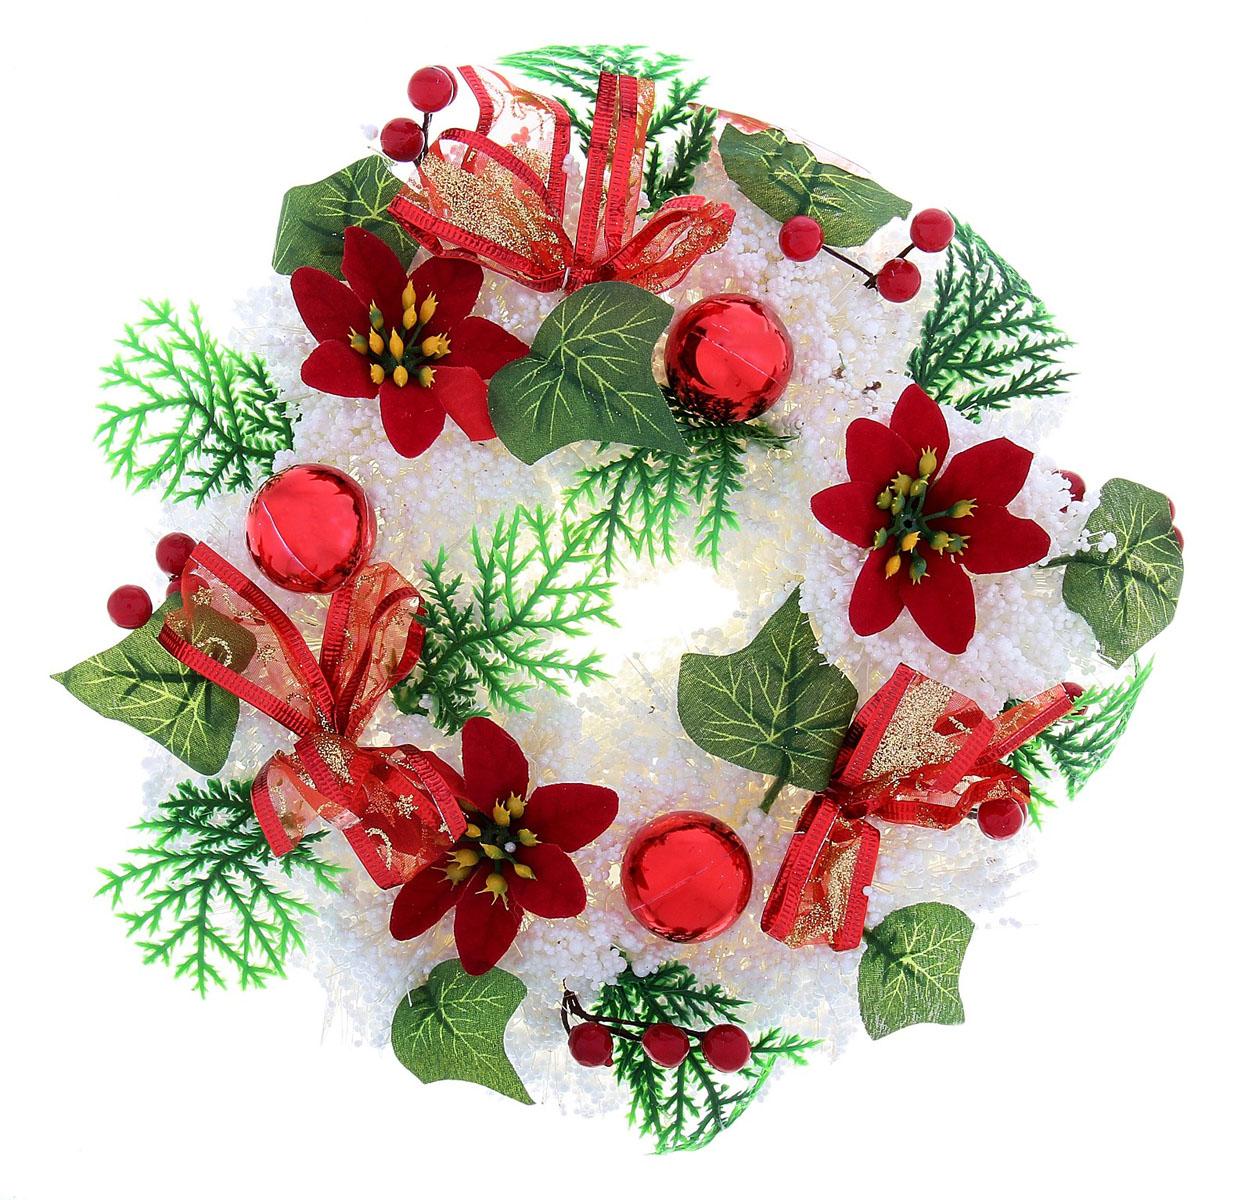 Новогоднее декоративное украшение Sima-land Венок. Снег, цветы и ягодки, диаметр 22 см718863Декоративный венок Sima-land Венок. Снег, цветы и ягодки, дополнит интерьер любого помещения, а также может стать оригинальным подарком для ваших друзей и близких. Композиция выполнена в виде венка из искусственной ветки украшенной пенопластовыми шариками, текстильными бантиками и декоративными ягодками, цветочками и шариками. Венок украшен блестками. Оформление помещения декоративным венком создаст праздничную, по-настоящему радостную и теплую атмосферу. Новогодние украшения всегда несут в себе волшебство и красоту праздника. Создайте в своем доме атмосферу тепла, веселья и радости, украшая его всей семьей.